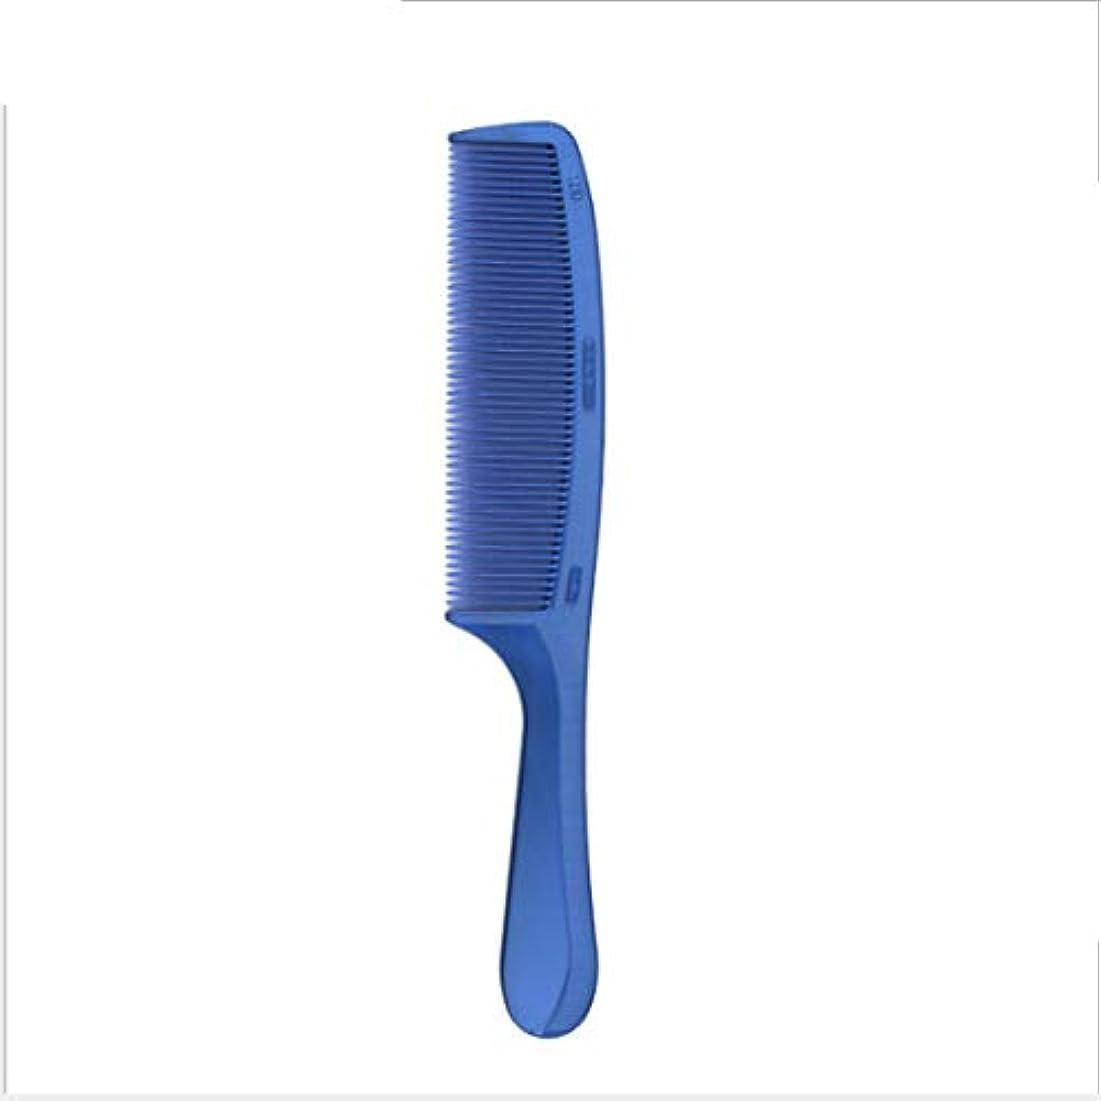 スキッパーぼんやりした個人的な(メイクコーム、ナイロンコーム、フラットコーム)女性や男性のためのプラスチック製の髪の櫛静電気防止髪カット特別な櫛ナチュラルカラーブルー ヘアケア (サイズ : 128)